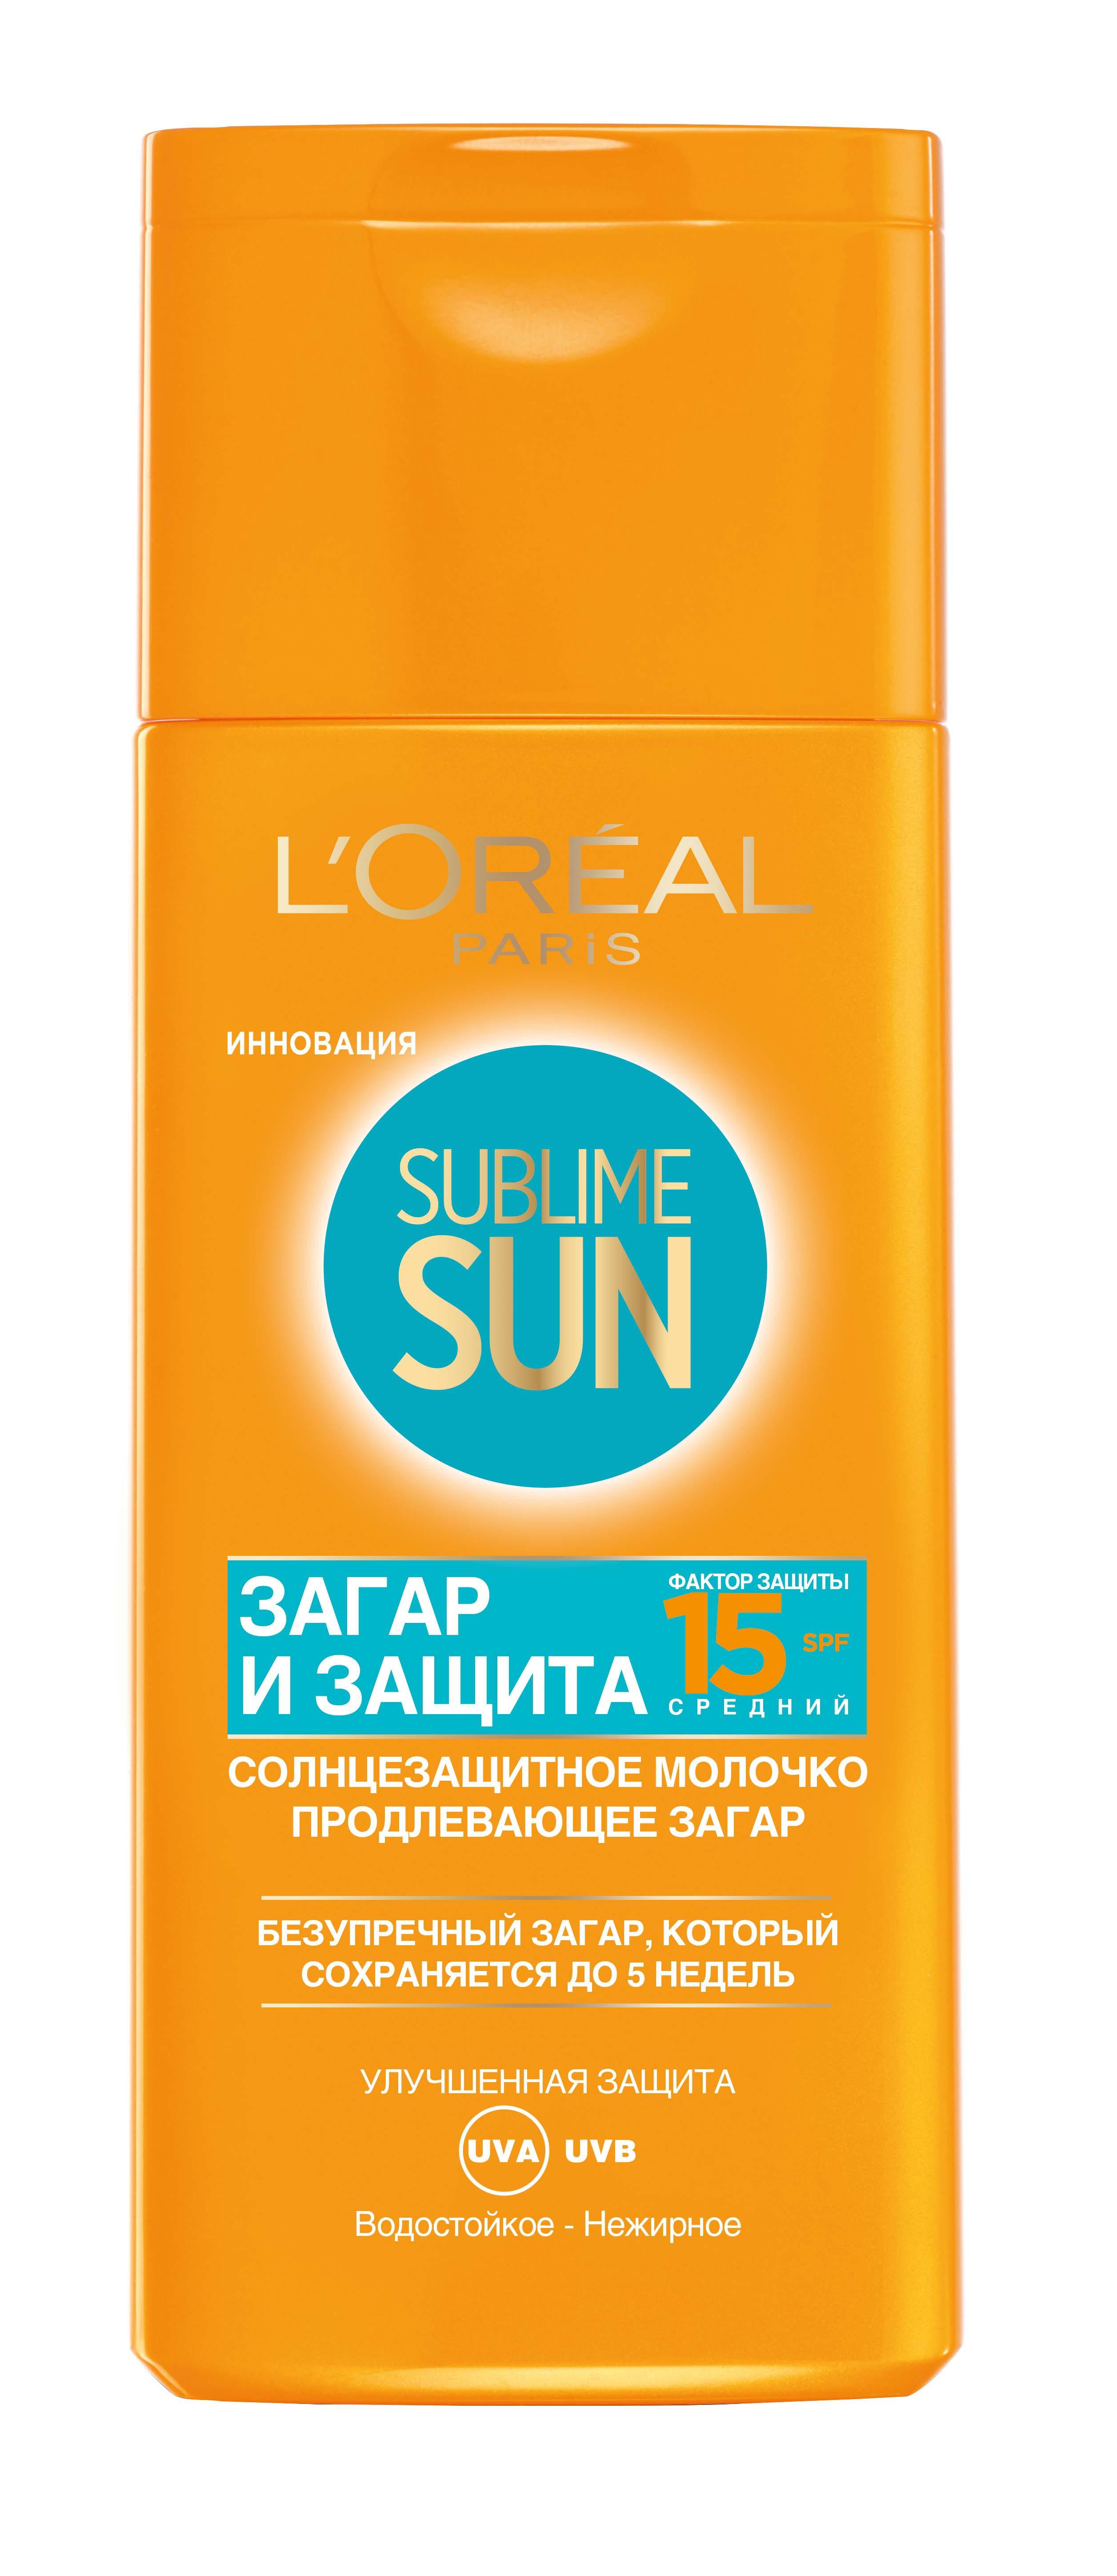 Солнцезащитное молочко, продлевающее загар L'Oreal Paris Sublime Sun Загар и Защита, водостойкое, SPF15, 200 мл крема защита от загара